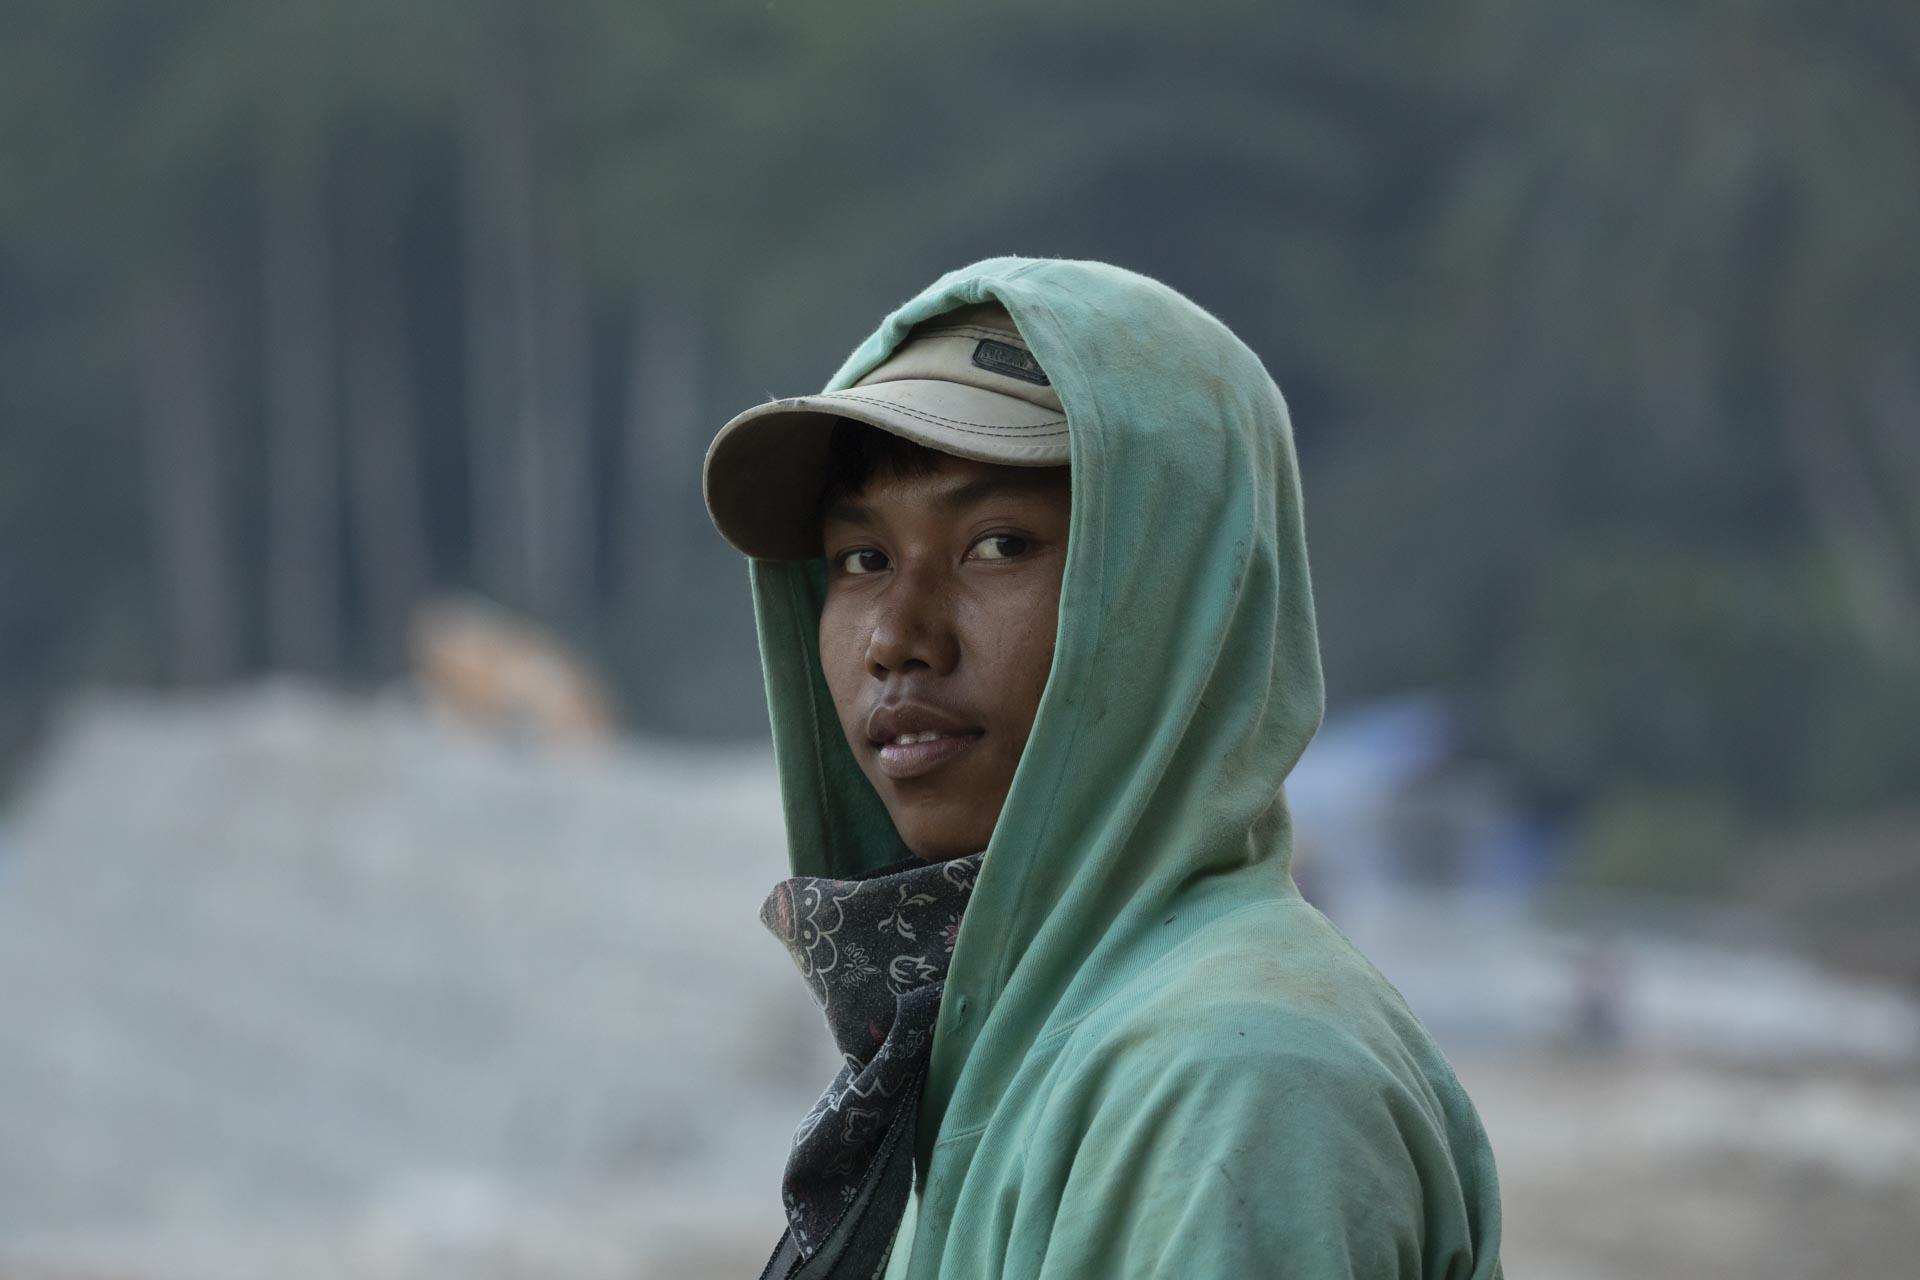 Un chico descansa de su trabajo, transportar rocas en carretilla, en Luang Prabang, Laos. Álvaro Bueno.